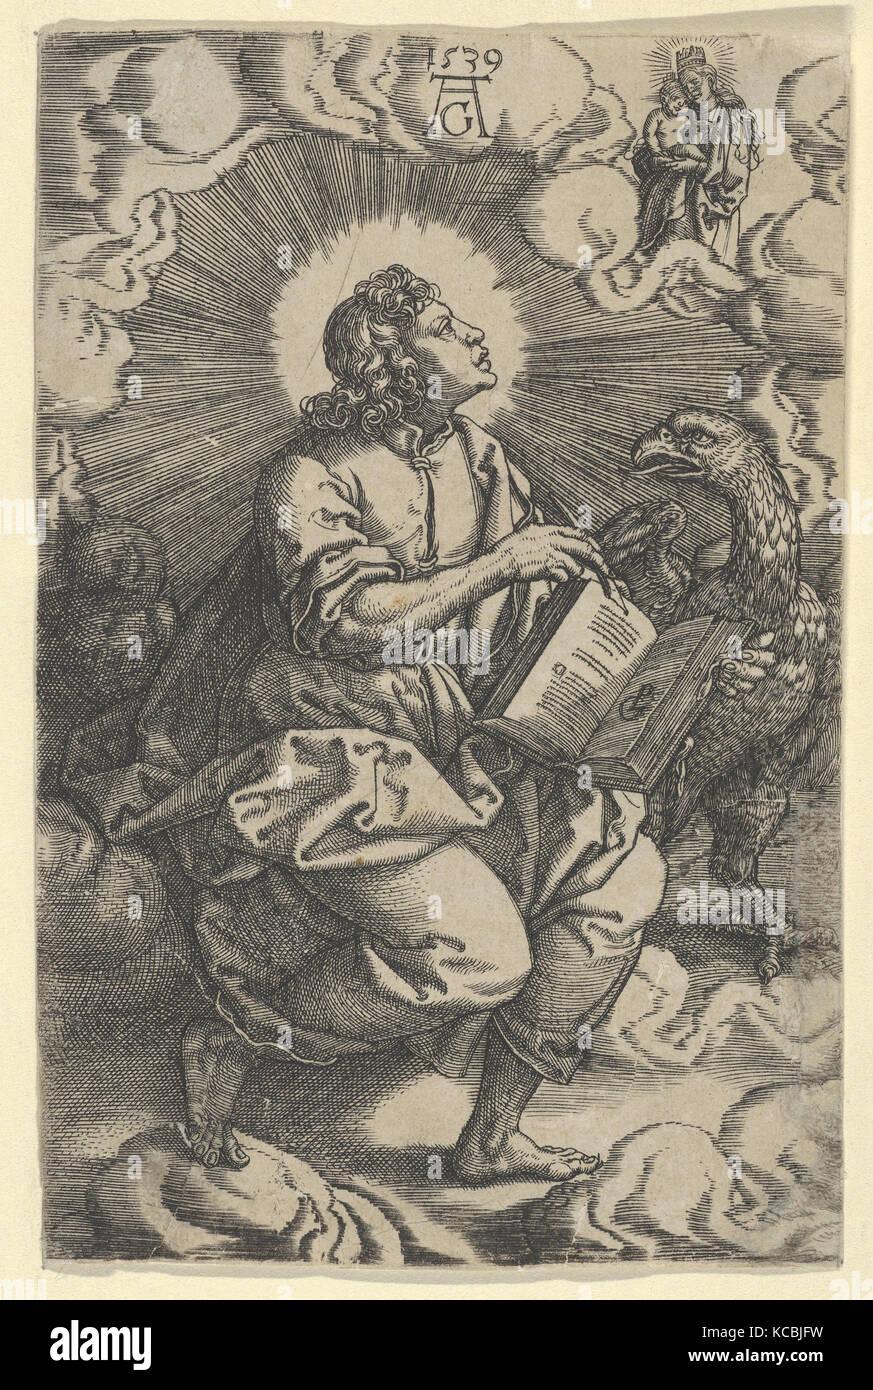 Saint John, from The Four Evangelists, Heinrich Aldegrever, 1539 - Stock Image